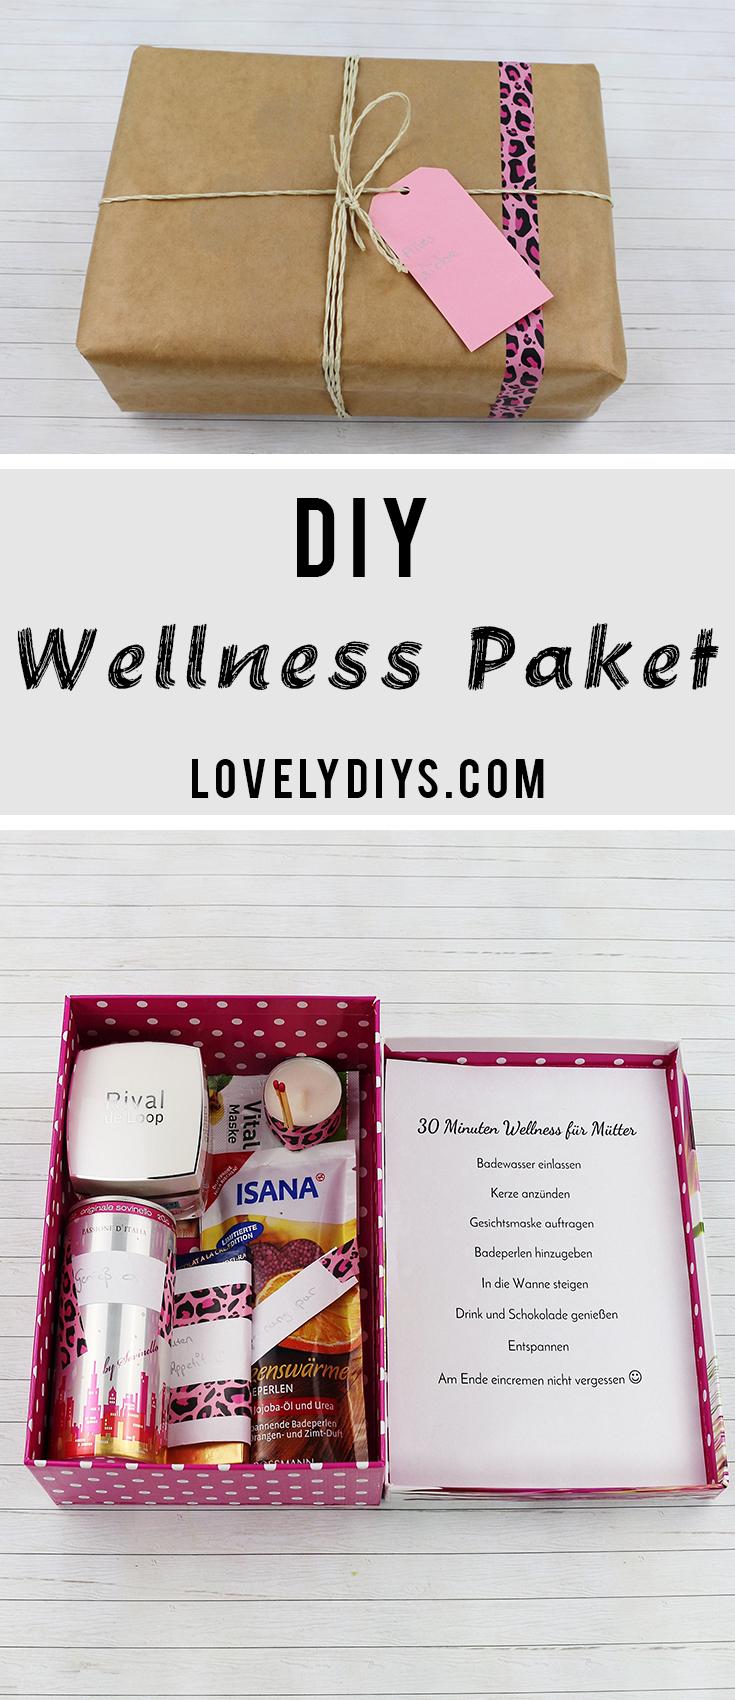 DIY Wellness Paket Basteln   Schöne Geschenkidee Für Frauen Zum Muttertag,  Geburtstag Oder Einfach Für